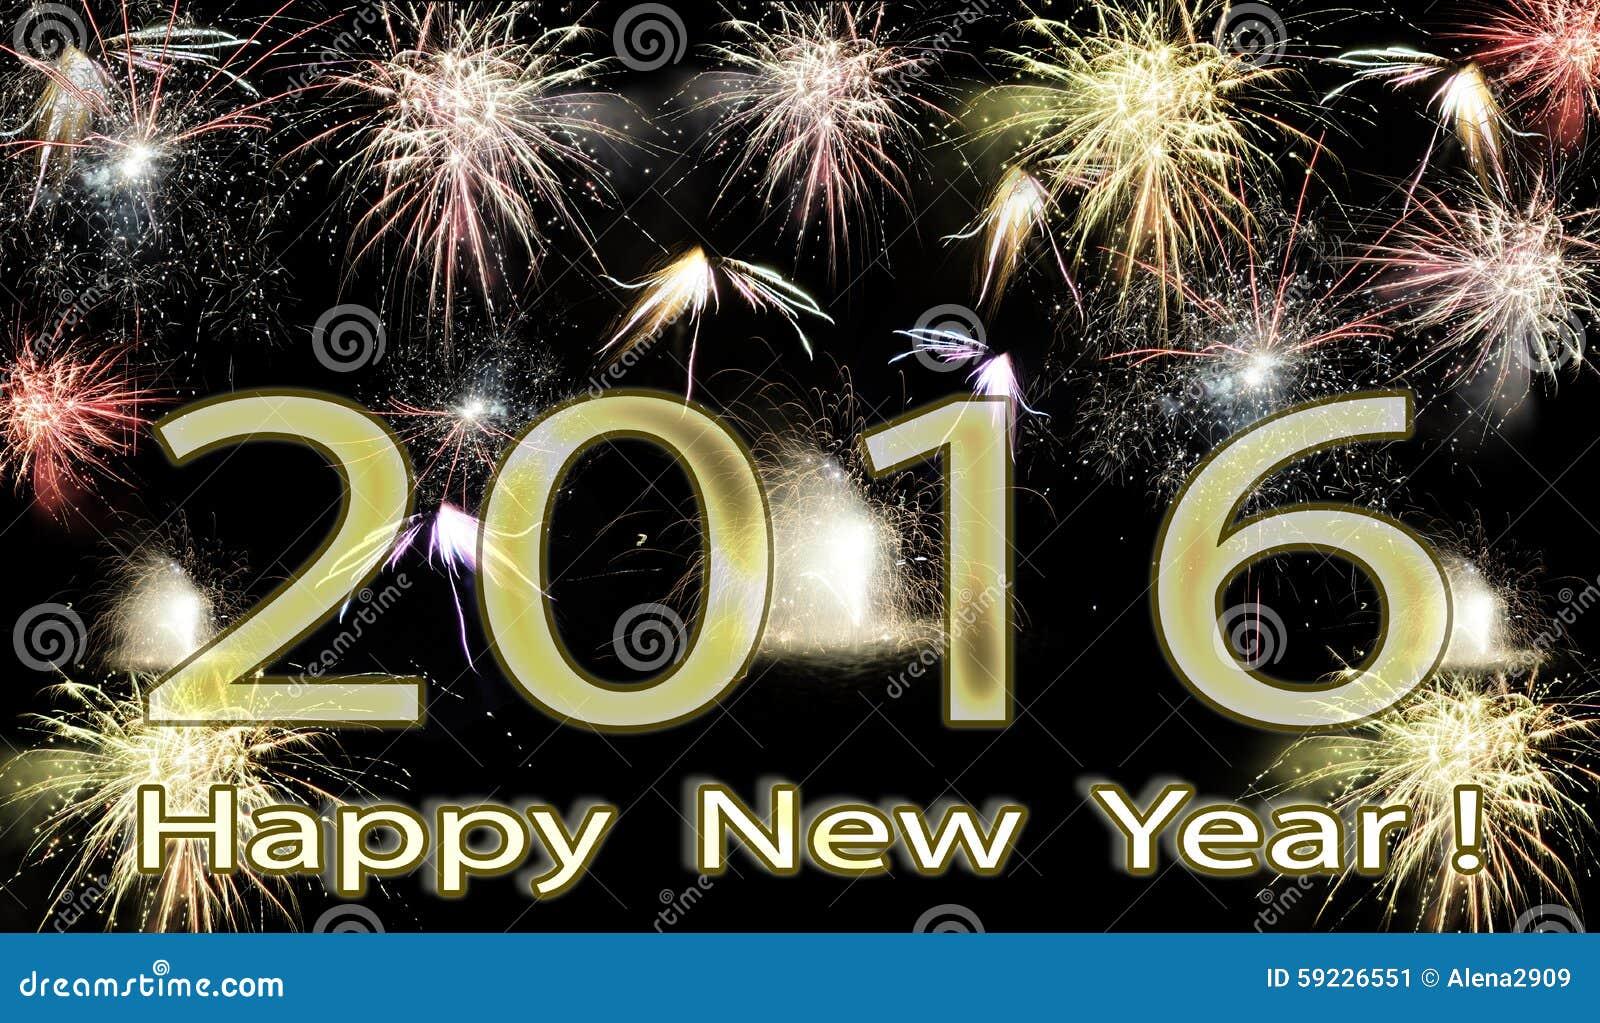 Download Fuegos Artificiales De La Feliz Año Nuevo 2016 Imagen de archivo - Imagen de ordenador, disco: 59226551